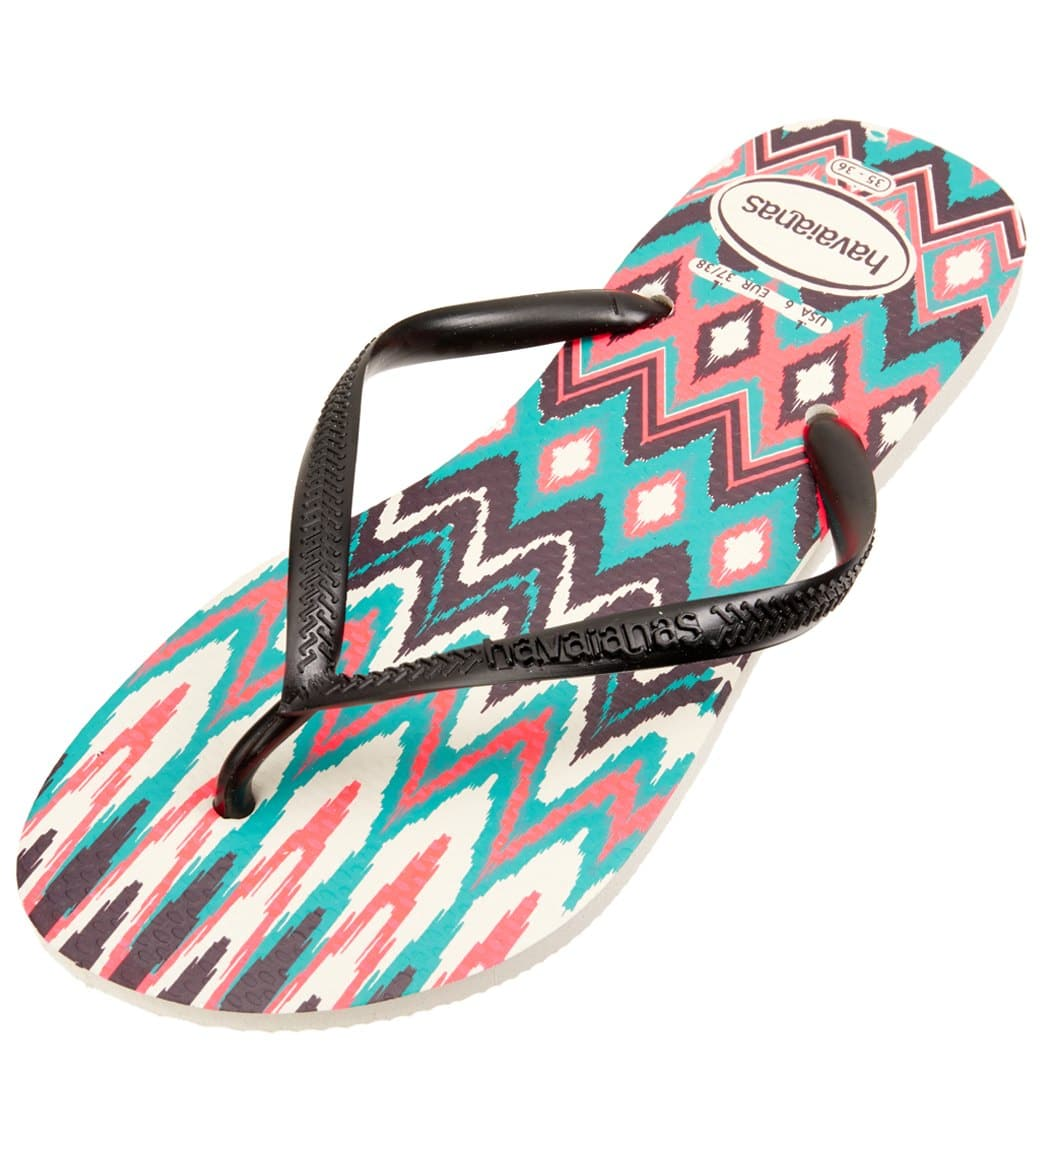 9da88c9ad7d93e Havaianas Women s Tribal Flip Flop at SwimOutlet.com